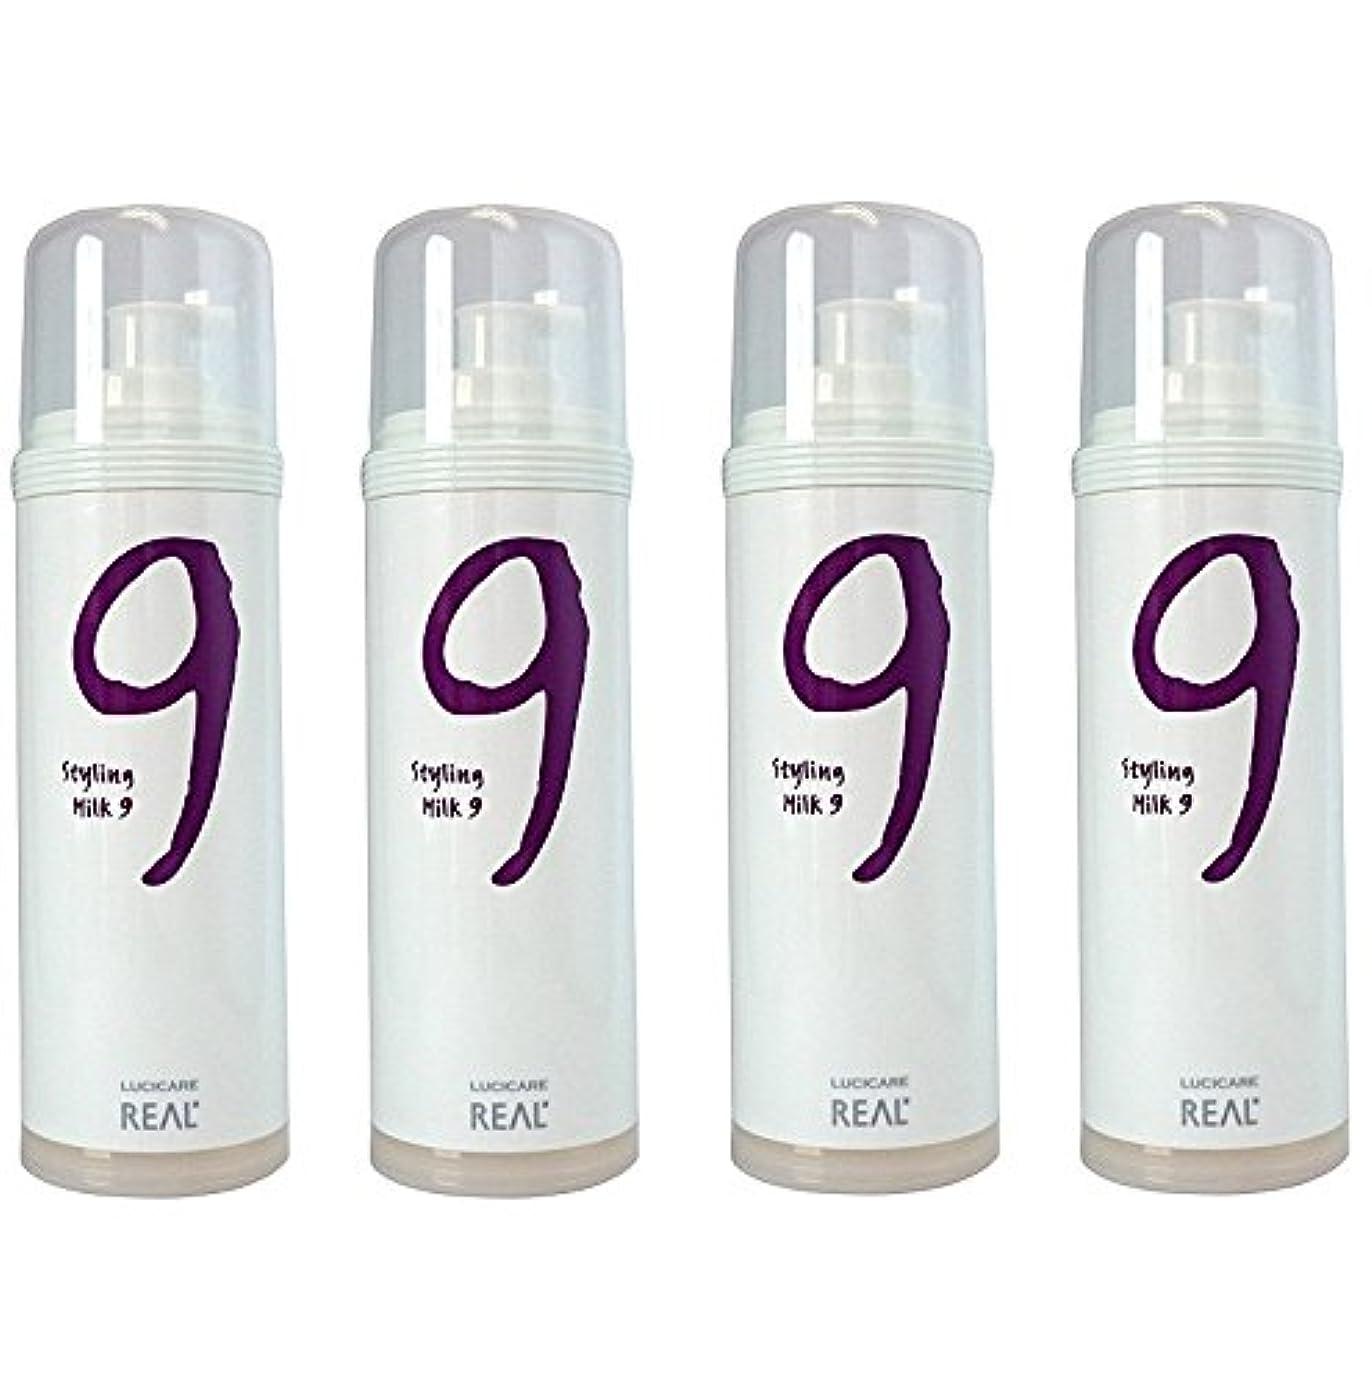 【4本セット】 リアル化学 ルシケア スタイリングミルク9 135g 【ハード】